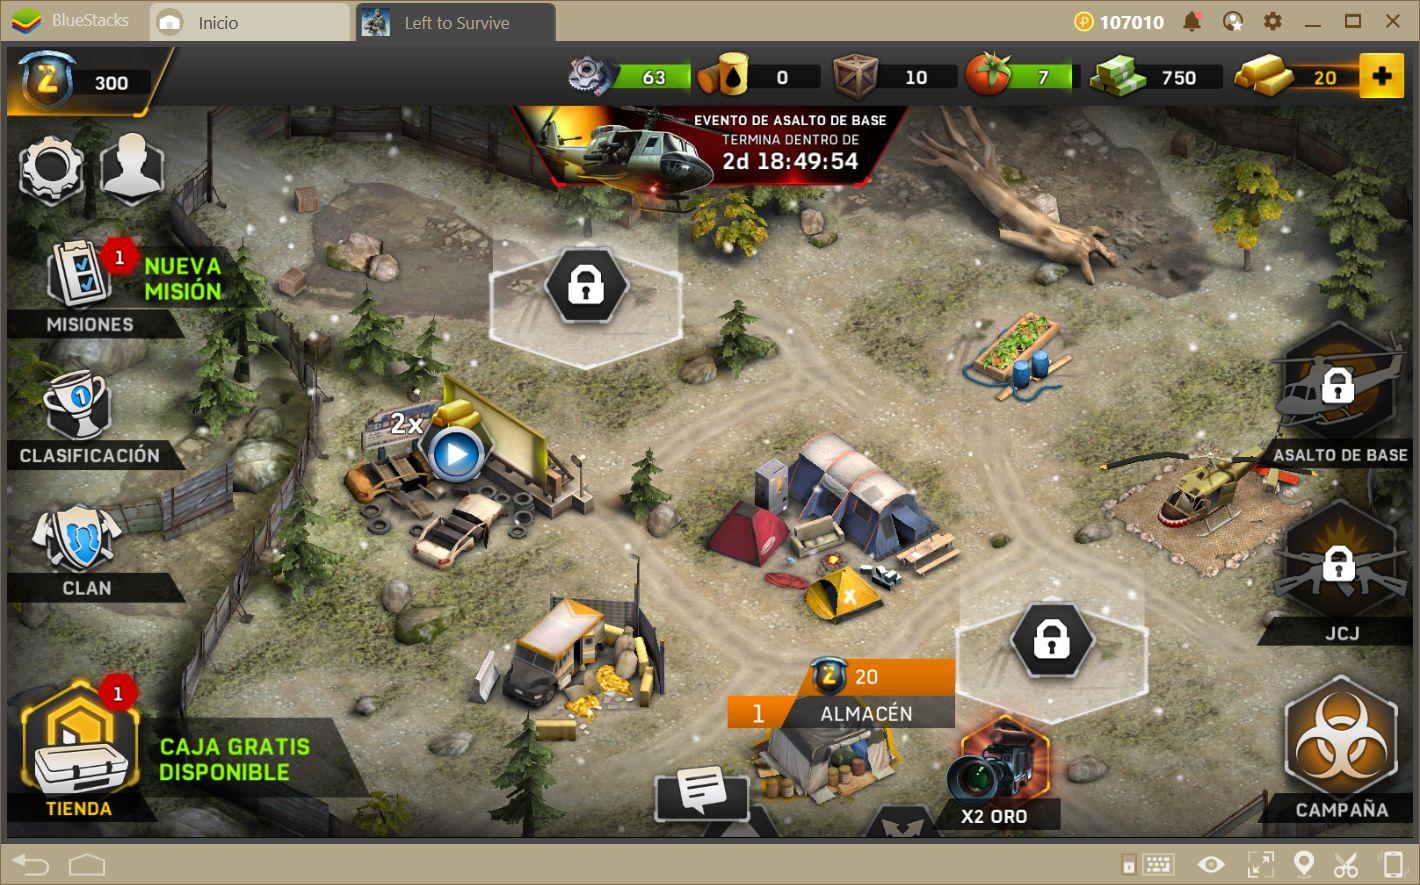 Left to Survive—Pura Adrenalina y Combate Contra Hordas de Zombies